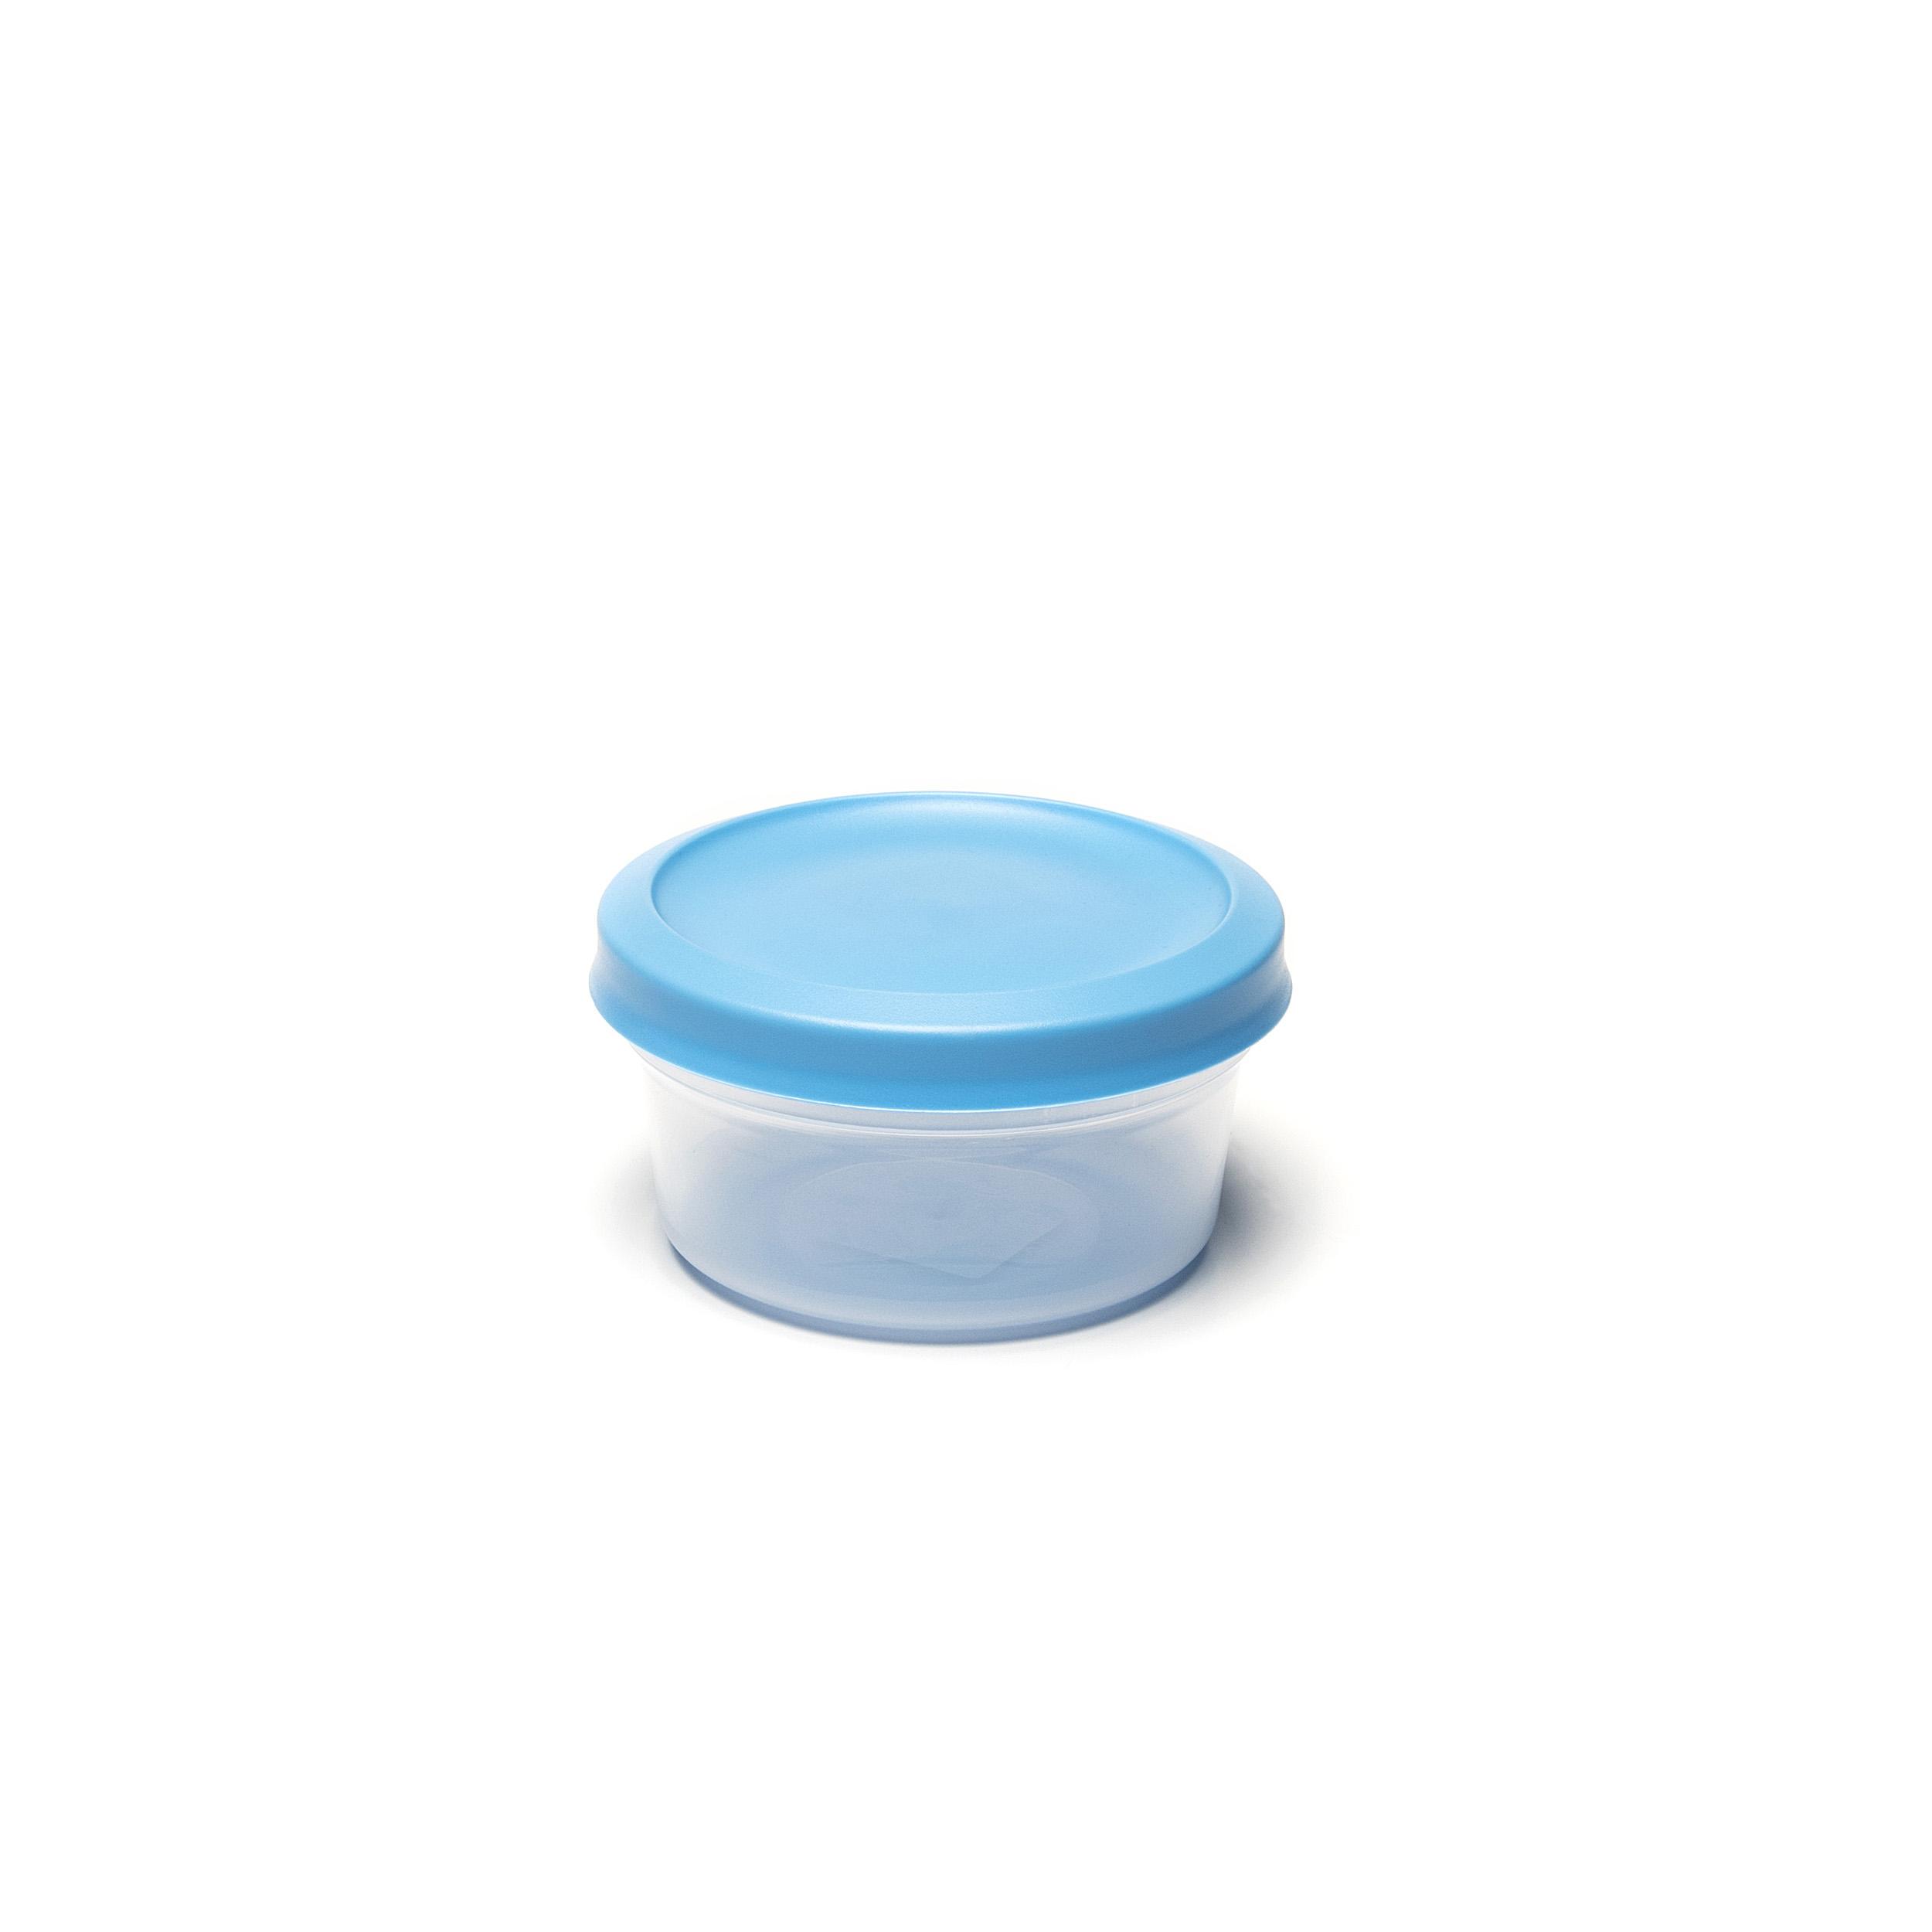 Vacutop Round 500ml - .... Super fresh food? Keep it in a VacuTop® box. Thanks to its hermetic seal, your food will remain noticeably fresher for longer. Stack and store? It's easy peasy. Your VacuTop® is indestructible: it will stand up to the dishwasher and microwave – provided you remove the lid when using the latter. ..Un repas d'une fraîcheur exquise ? Une boîte VacuTop® vous le garantira. Grâce à sa fermeture hermétique, vos aliments restent frais vraiment plus longtemps. L'empiler et la ranger ? Simple comme bonjour. Votre VacuTop® est inusable : elle convient pour le lave-vaisselle et micro-ondes – pour autant que vous en enleviez le couvercle. ..Kraakvers eten? Dat bewaar je in een VacuTop®-doos. Dankzij de hermetische afsluiting blijft je eten merkbaar langer vers. Stapelen en wegbergen? Een fluitje van een cent. Je VacuTop® is onverslijtbaar: hij is bestand tegen vaatwasser en microgolfoven – zolang je bij die laatste het deksel maar verwijdert. ..Knackfrische Speisen? Die sollten Sie in einem VacuTop®-Behälter aufbewahren. Dank des hermetischen Verschlusses bleiben Ihre Speisen spürbar länger frisch. Stapeln und aufbewahren? Das ist ein Kinderspiel. Ihr VacuTop® ist unverwüstlich: Er ist spülmaschinenfest und mikrowellengeeignet – solange Sie in der Mikrowelle den Deckel entfernen. ....